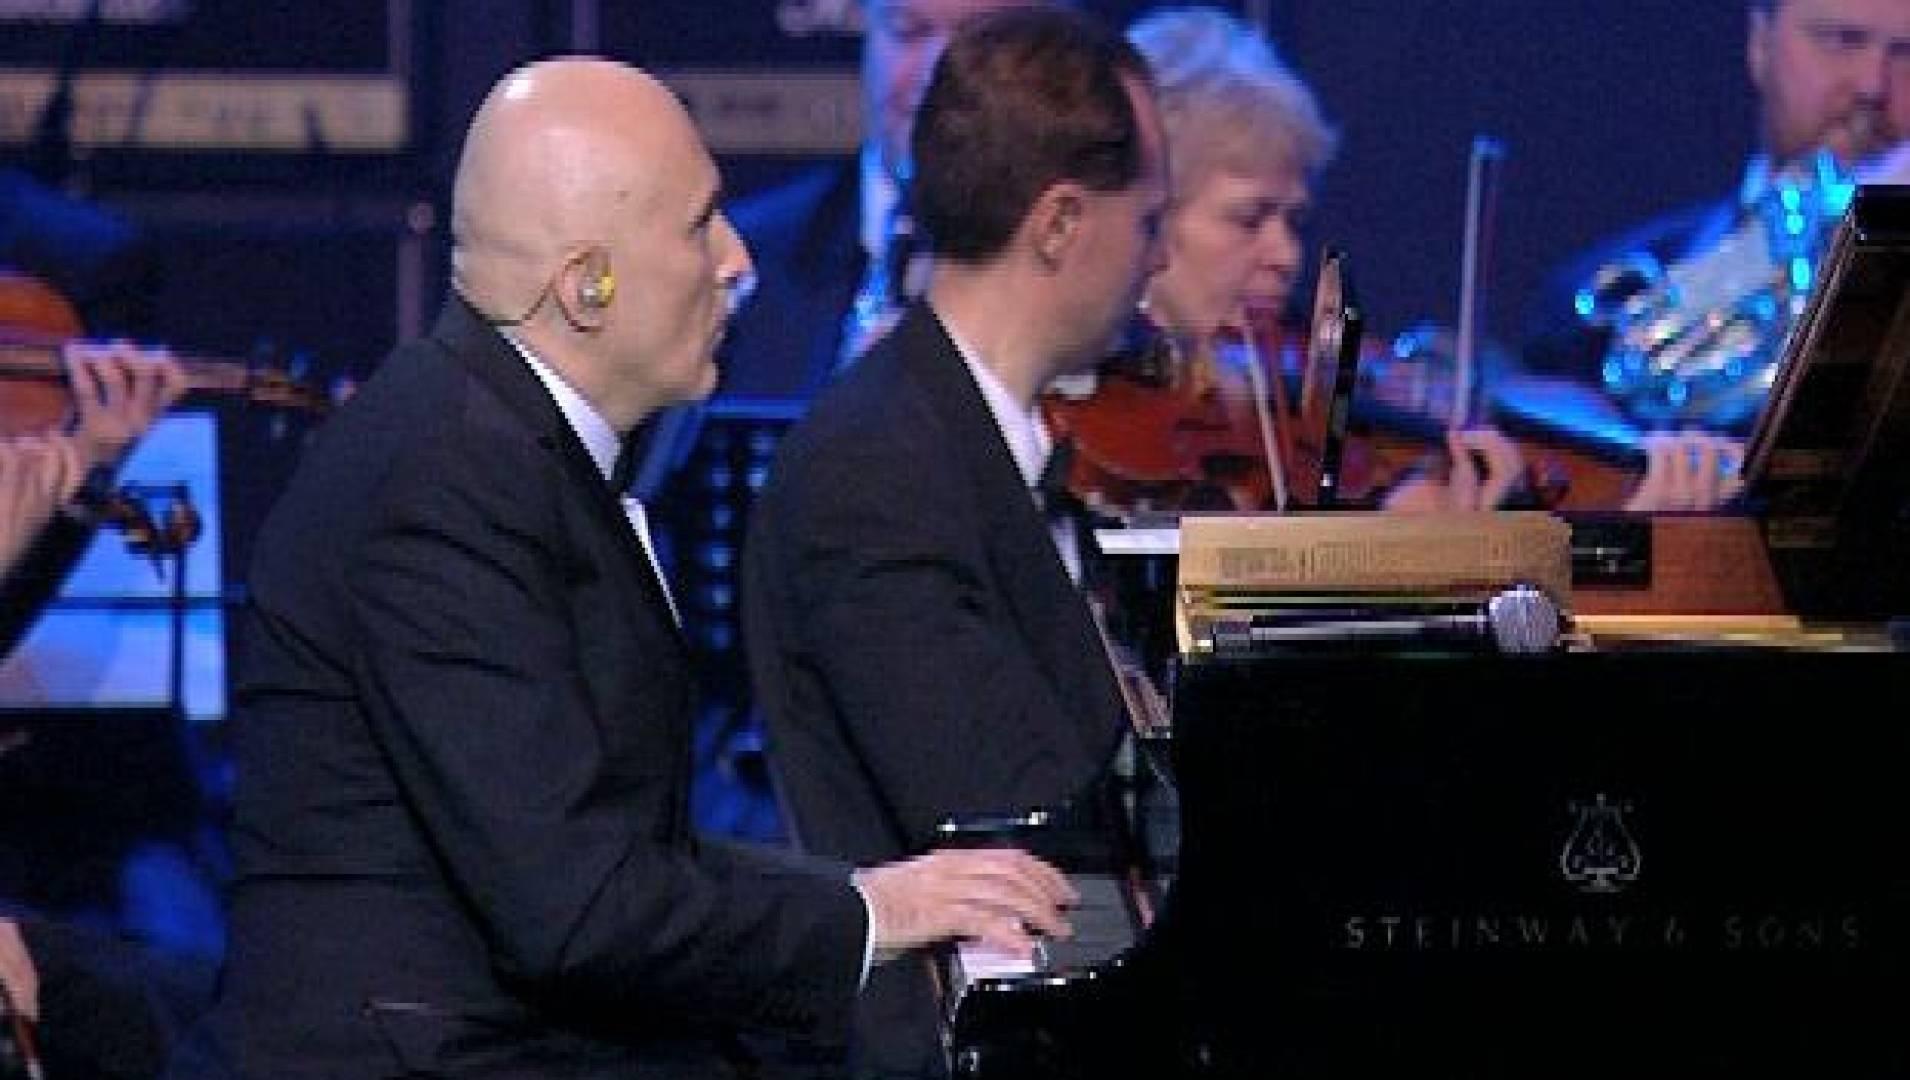 Юбилейный вечер Игоря Матвиенко - Концерт